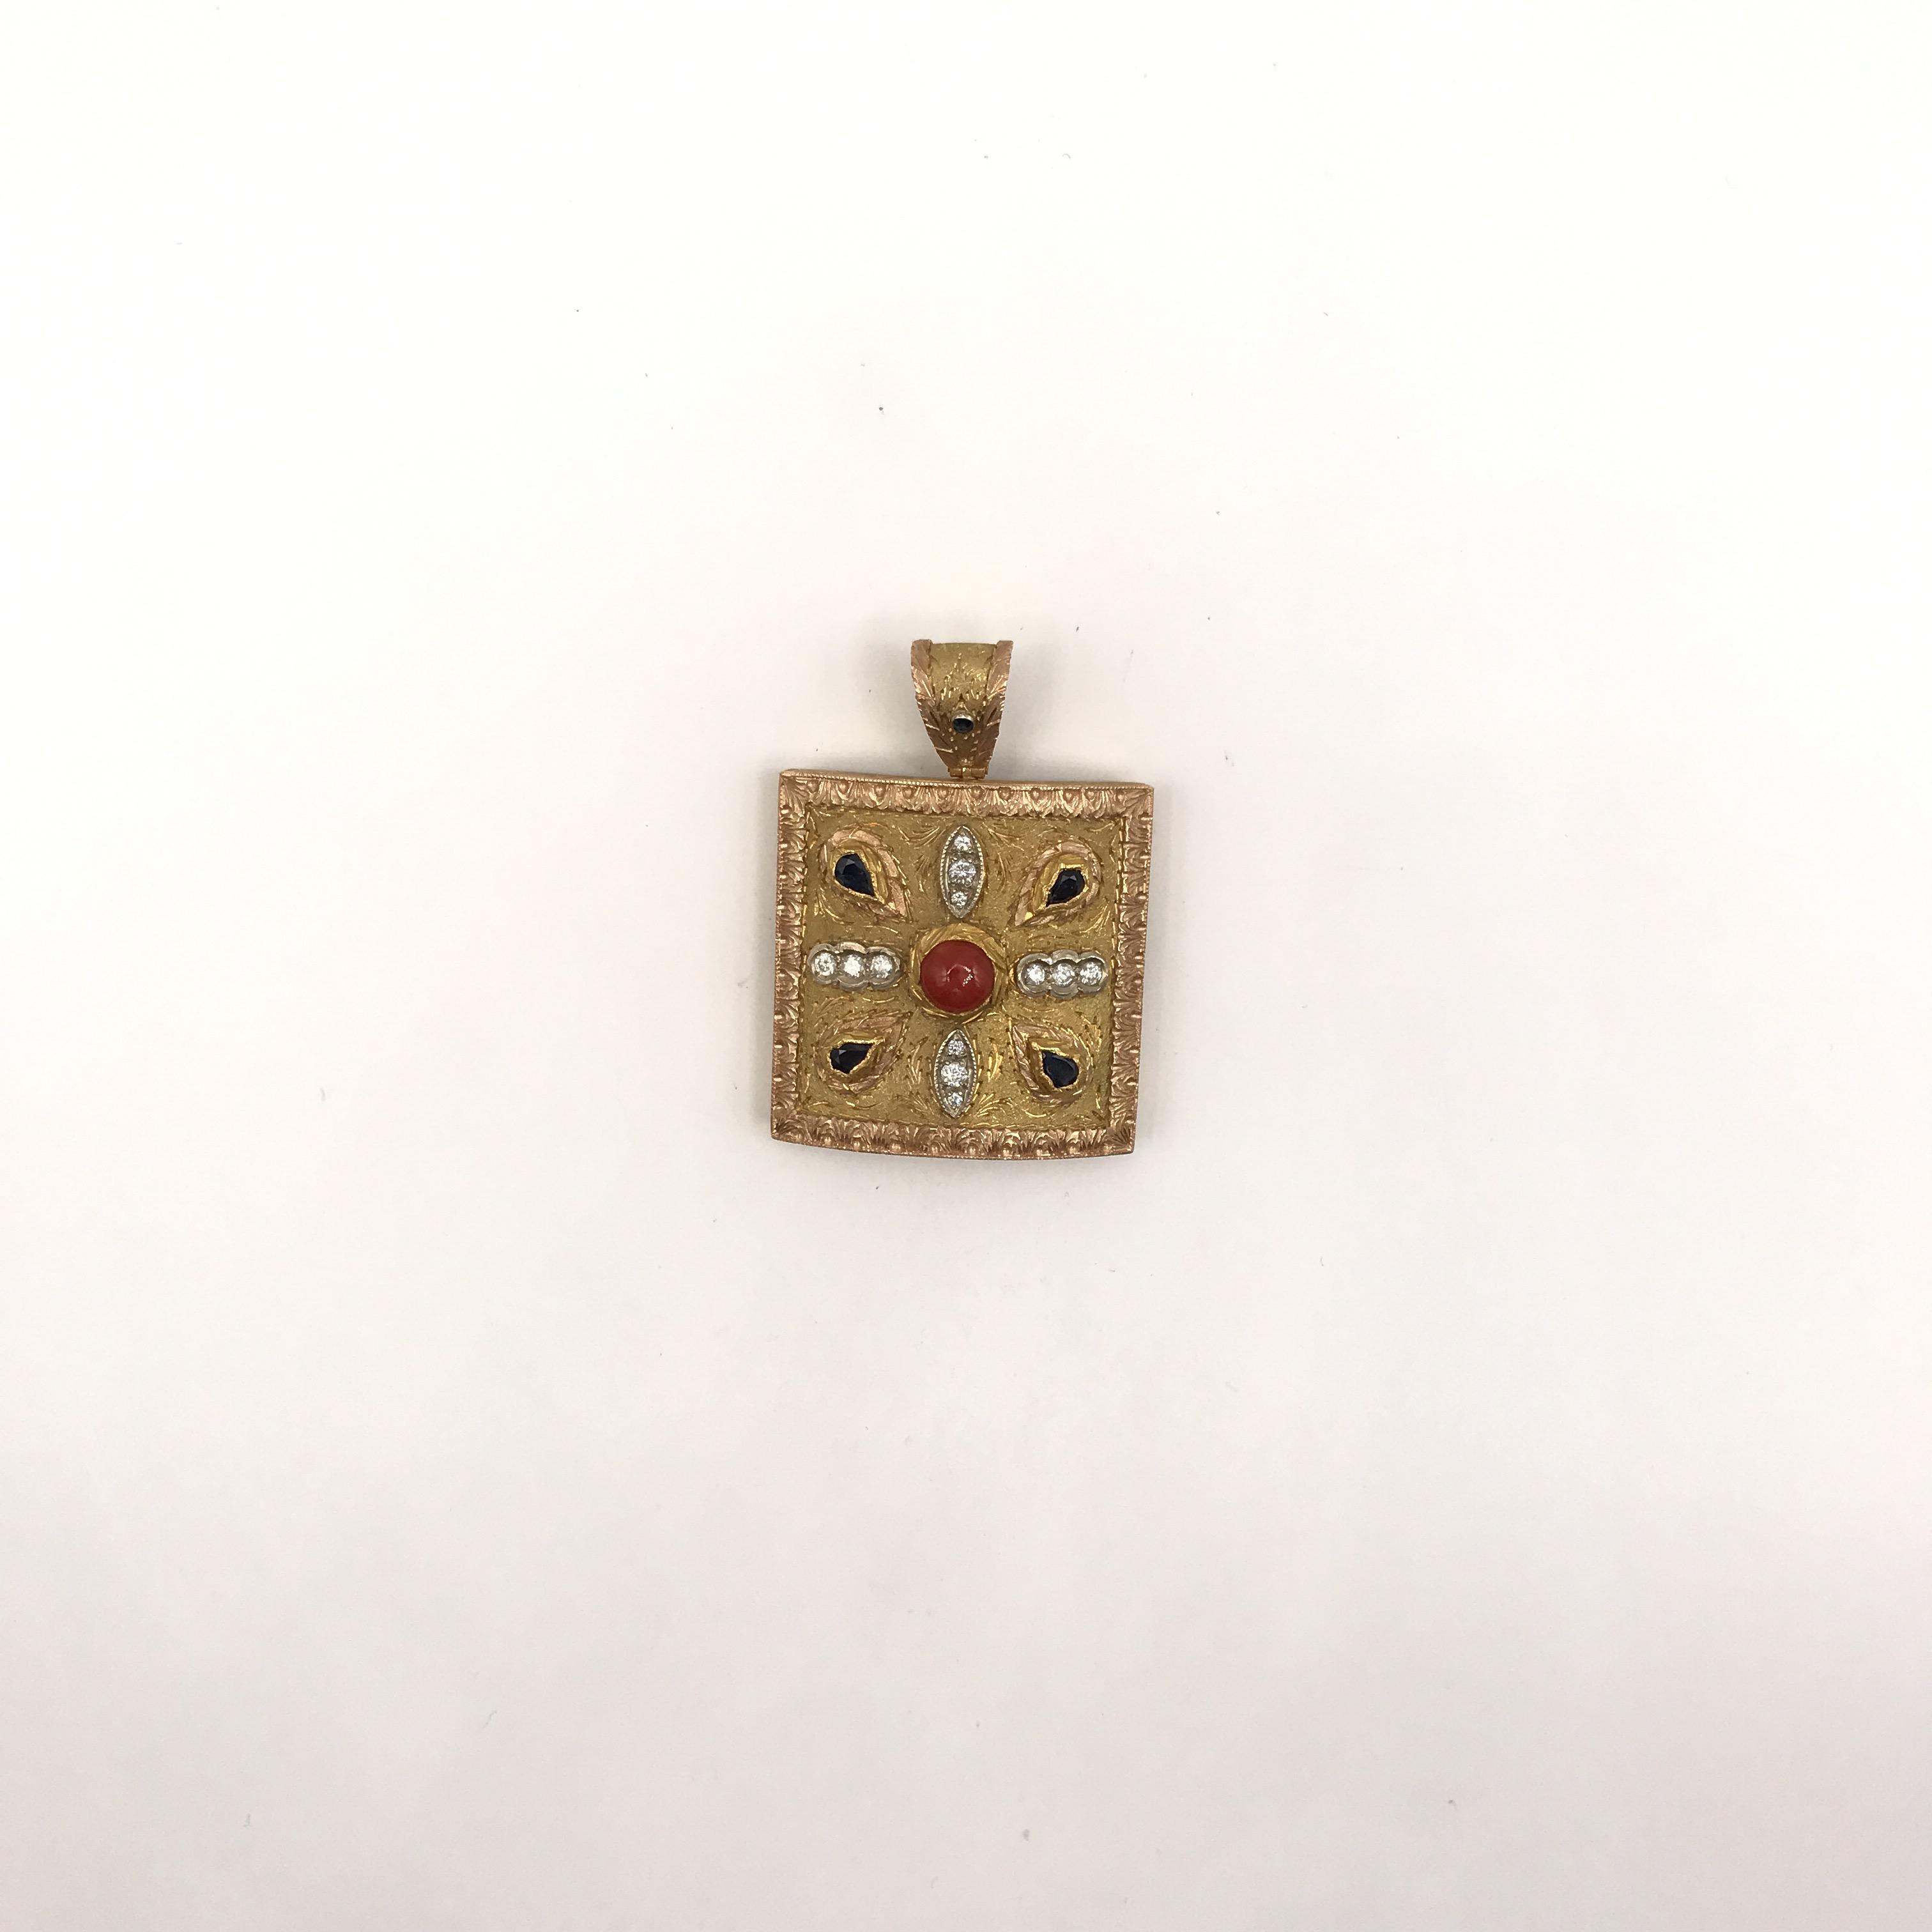 pendente in oro bicolore, zaffiri, corallo e diamanti